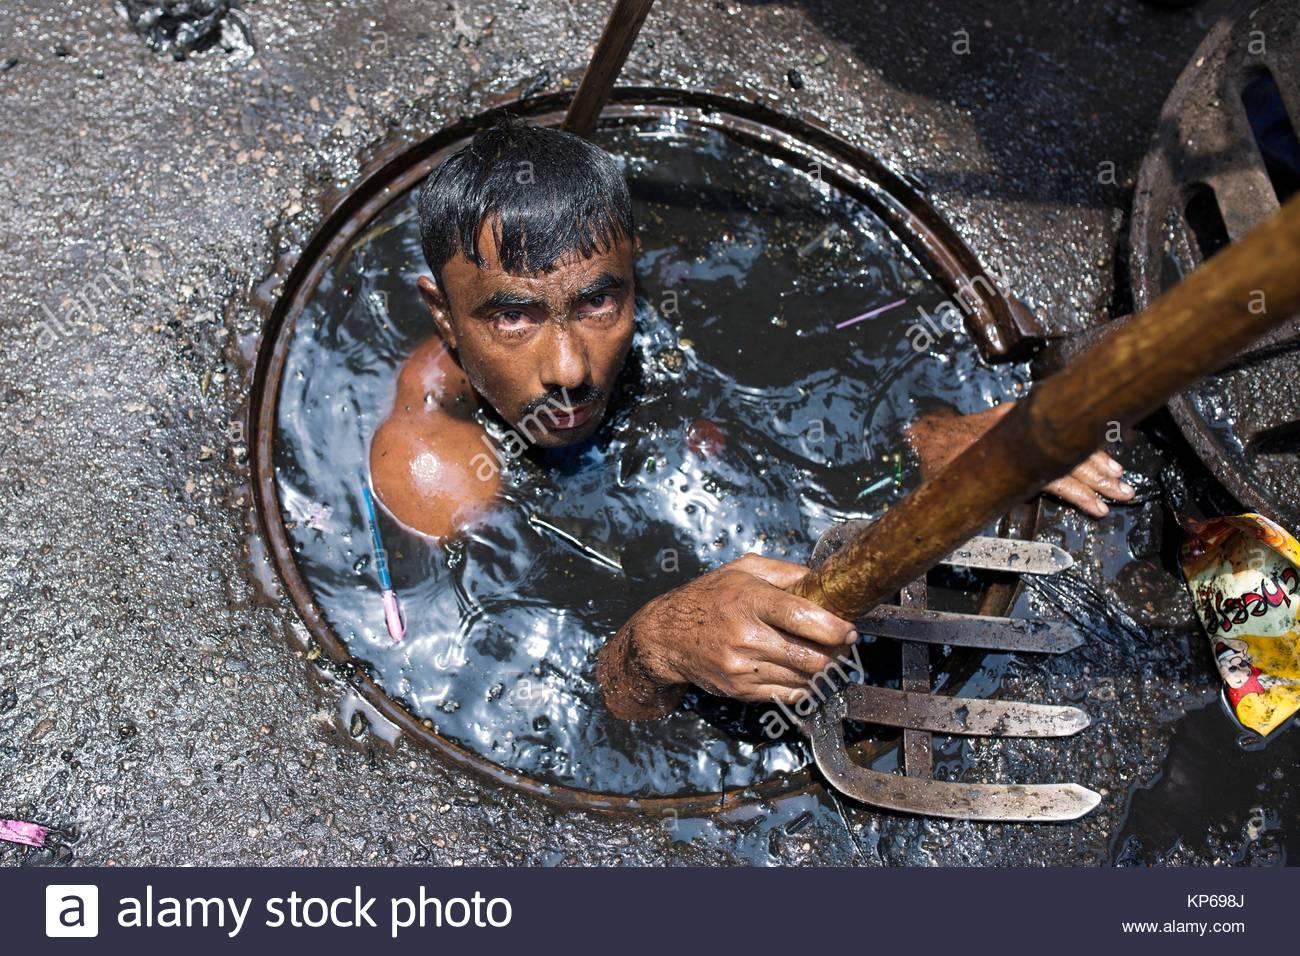 dhaka-bangladesh-may-03-a-sewer-cleaner-